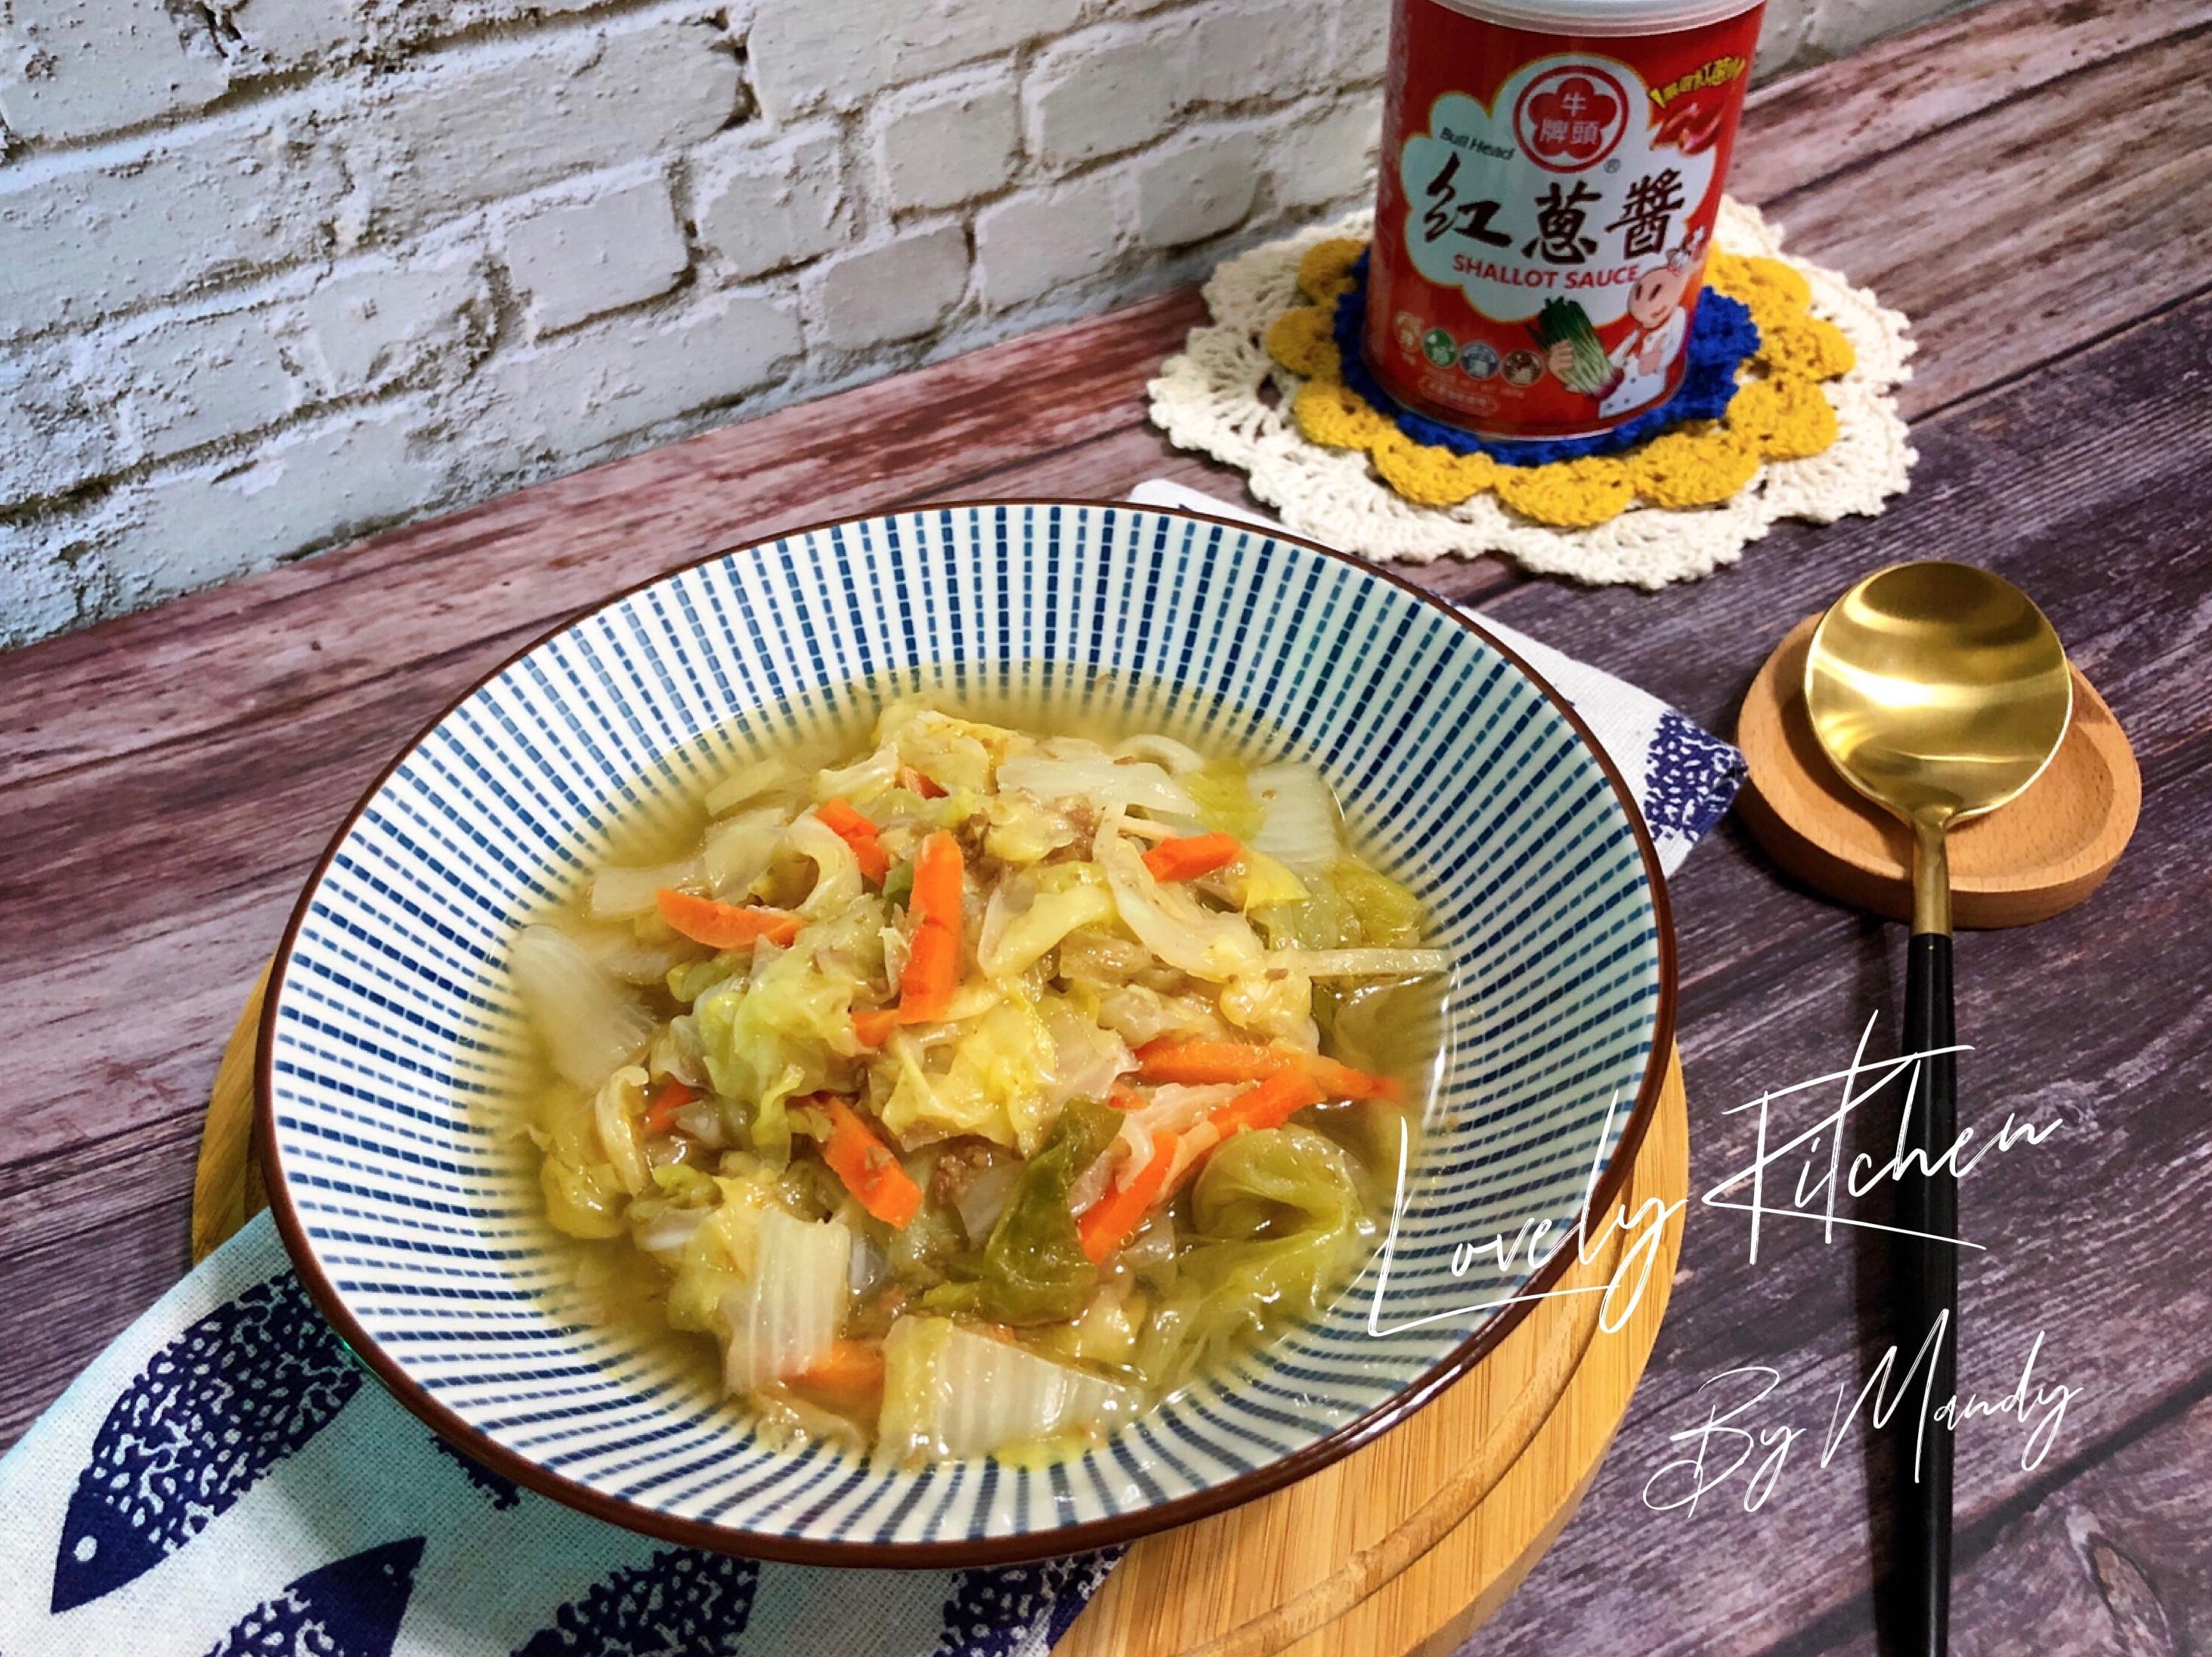 紅蔥醬滷白菜【電鍋版】